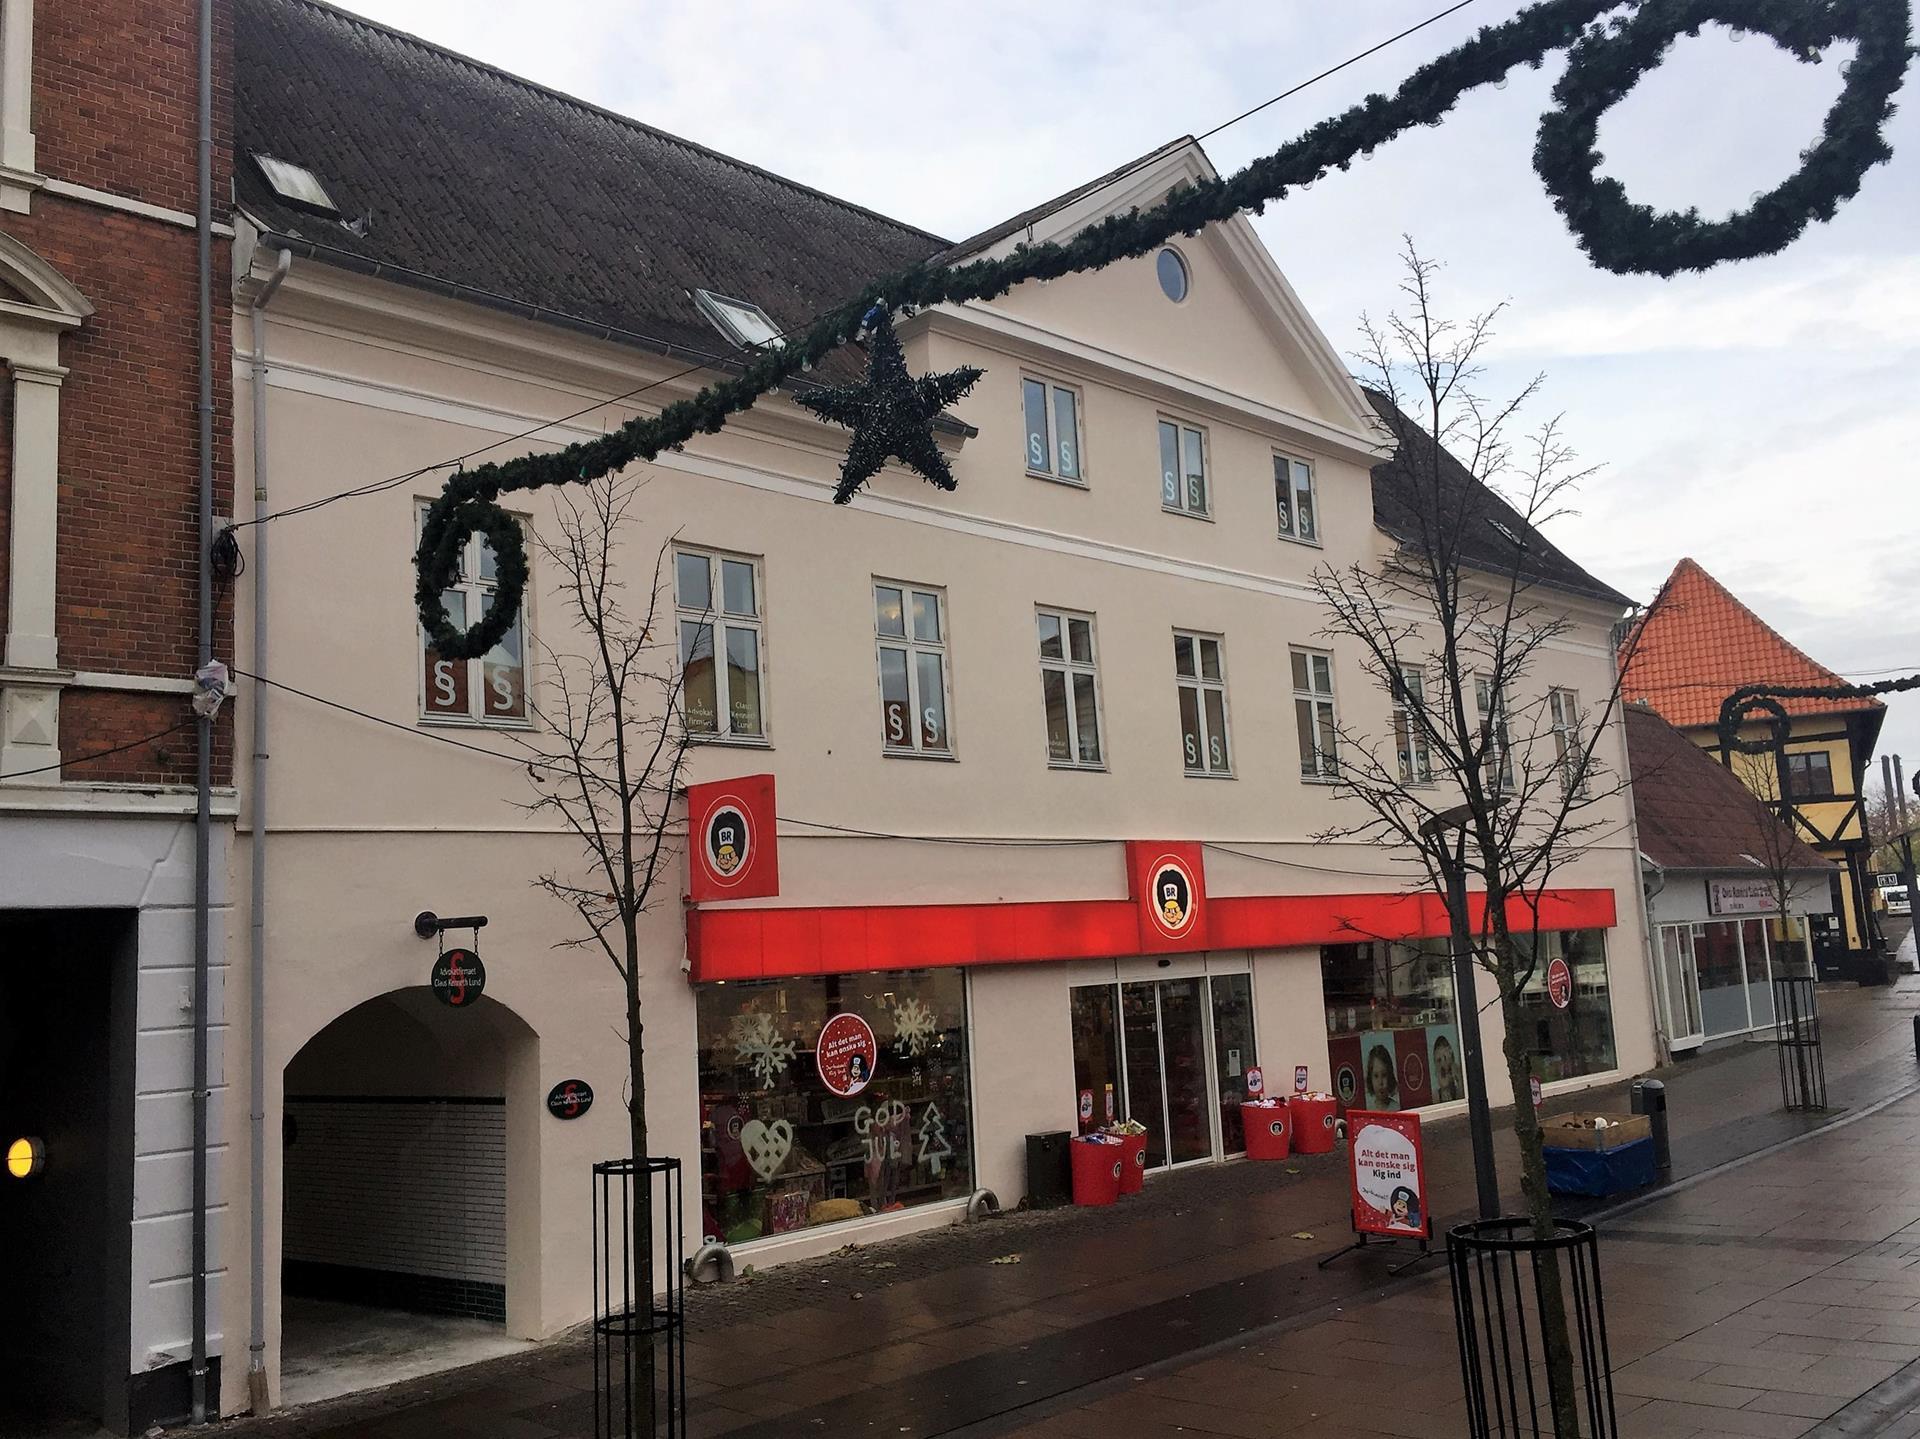 Bolig/erhverv på Kordilgade i Kalundborg - Facade